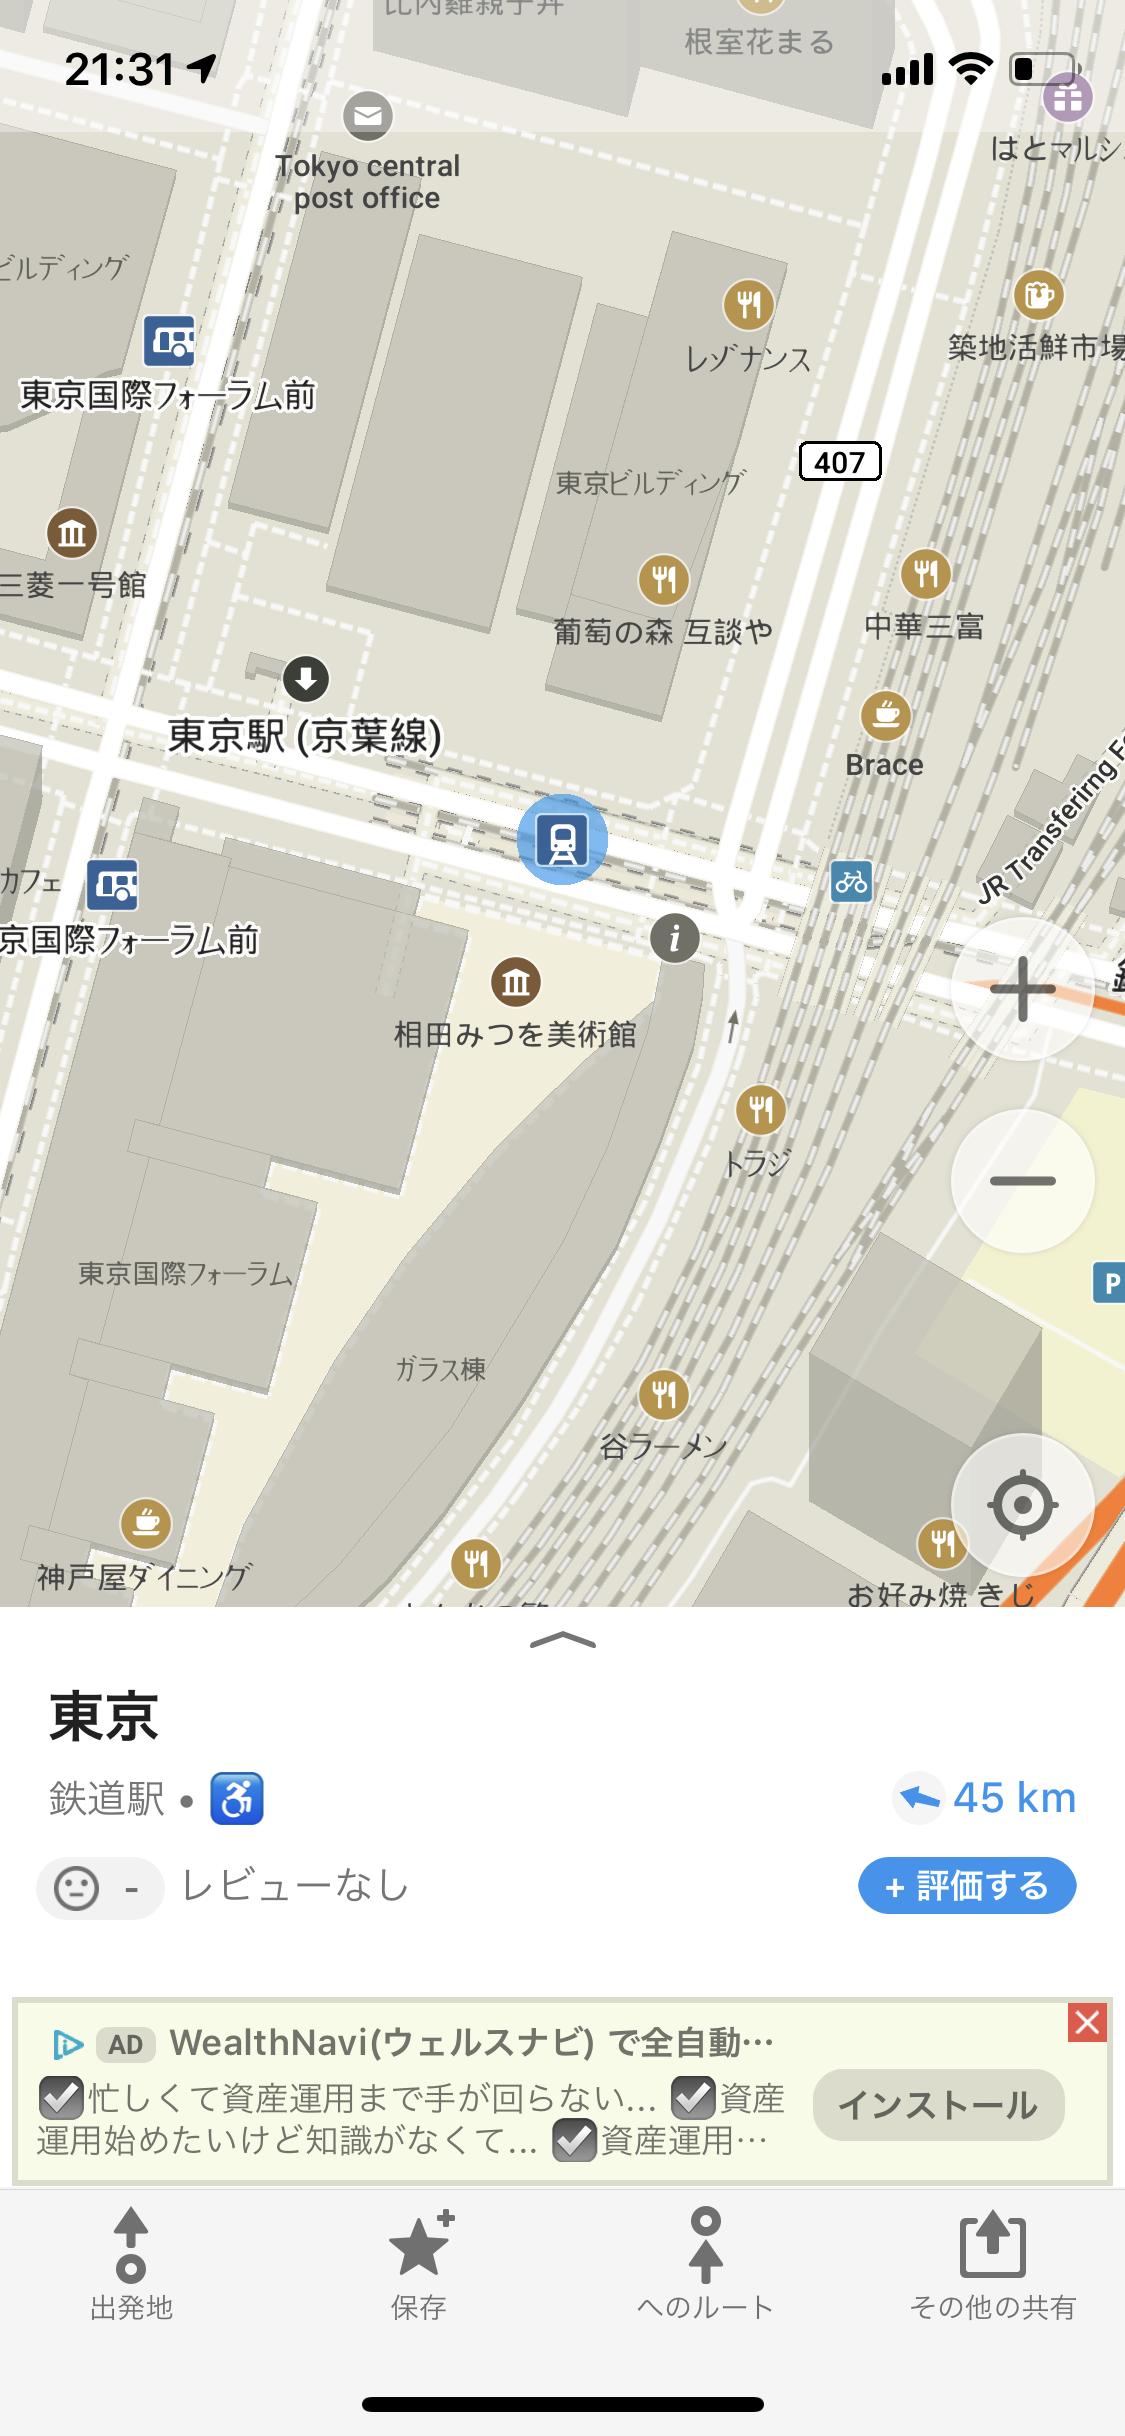 地図アプリMaps Meのオフラインマップの使い方!日本/海外の旅行